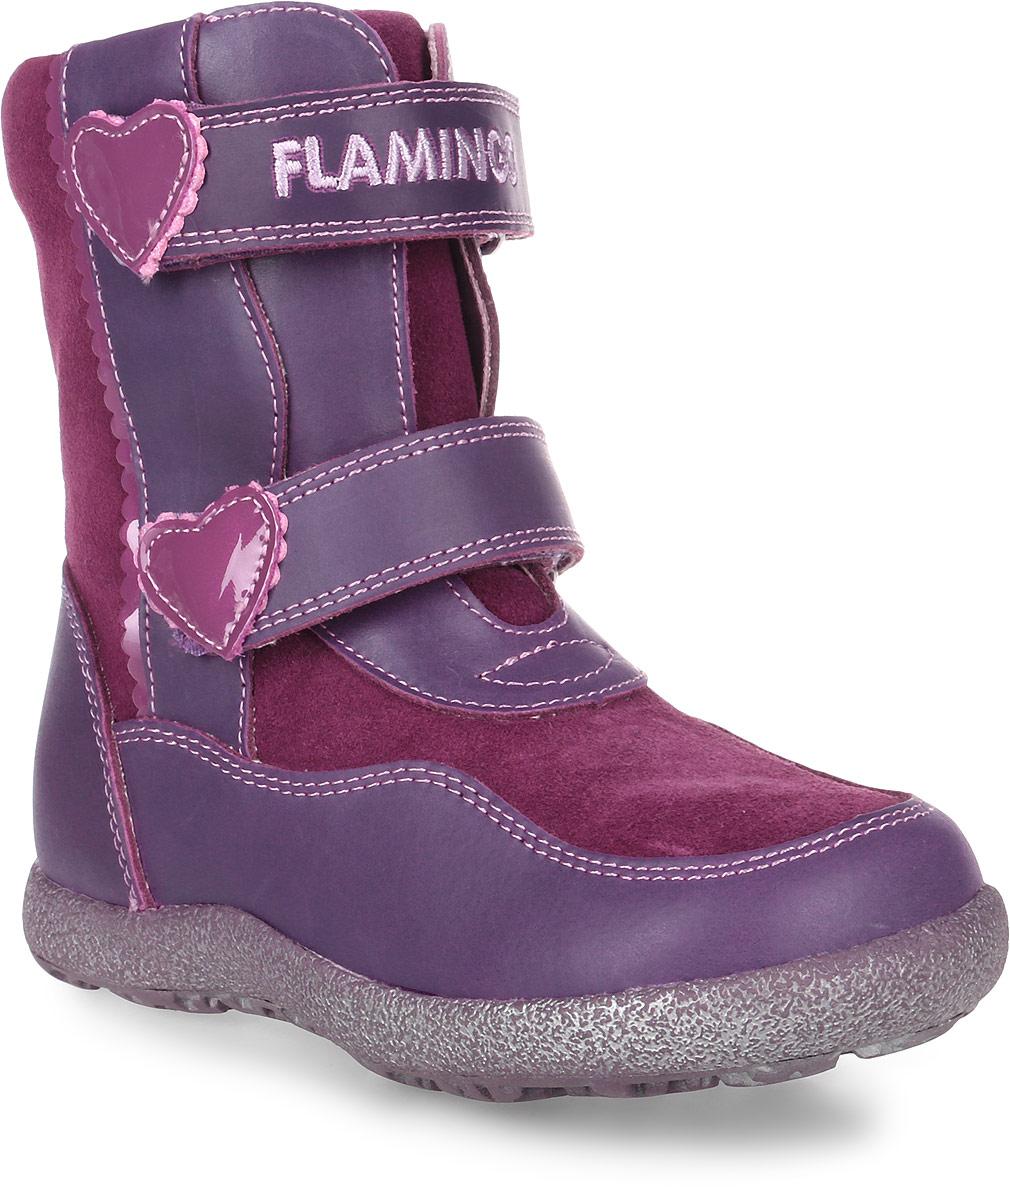 Ботинки для девочки Flamingo, цвет: фиолетовый, бордовый. LC3915. Размер 31LC3915Модные ботинки для девочки от Flamingo выполнены из натуральной кожи. Подкладка и стелька из натуральной шерсти не дадут ногам замерзнуть. Ремешки с застежками-липучками надежно зафиксируют модель на ноге. Застегивается модель на боковую застежку-молнию. Подошва дополнена рифлением.